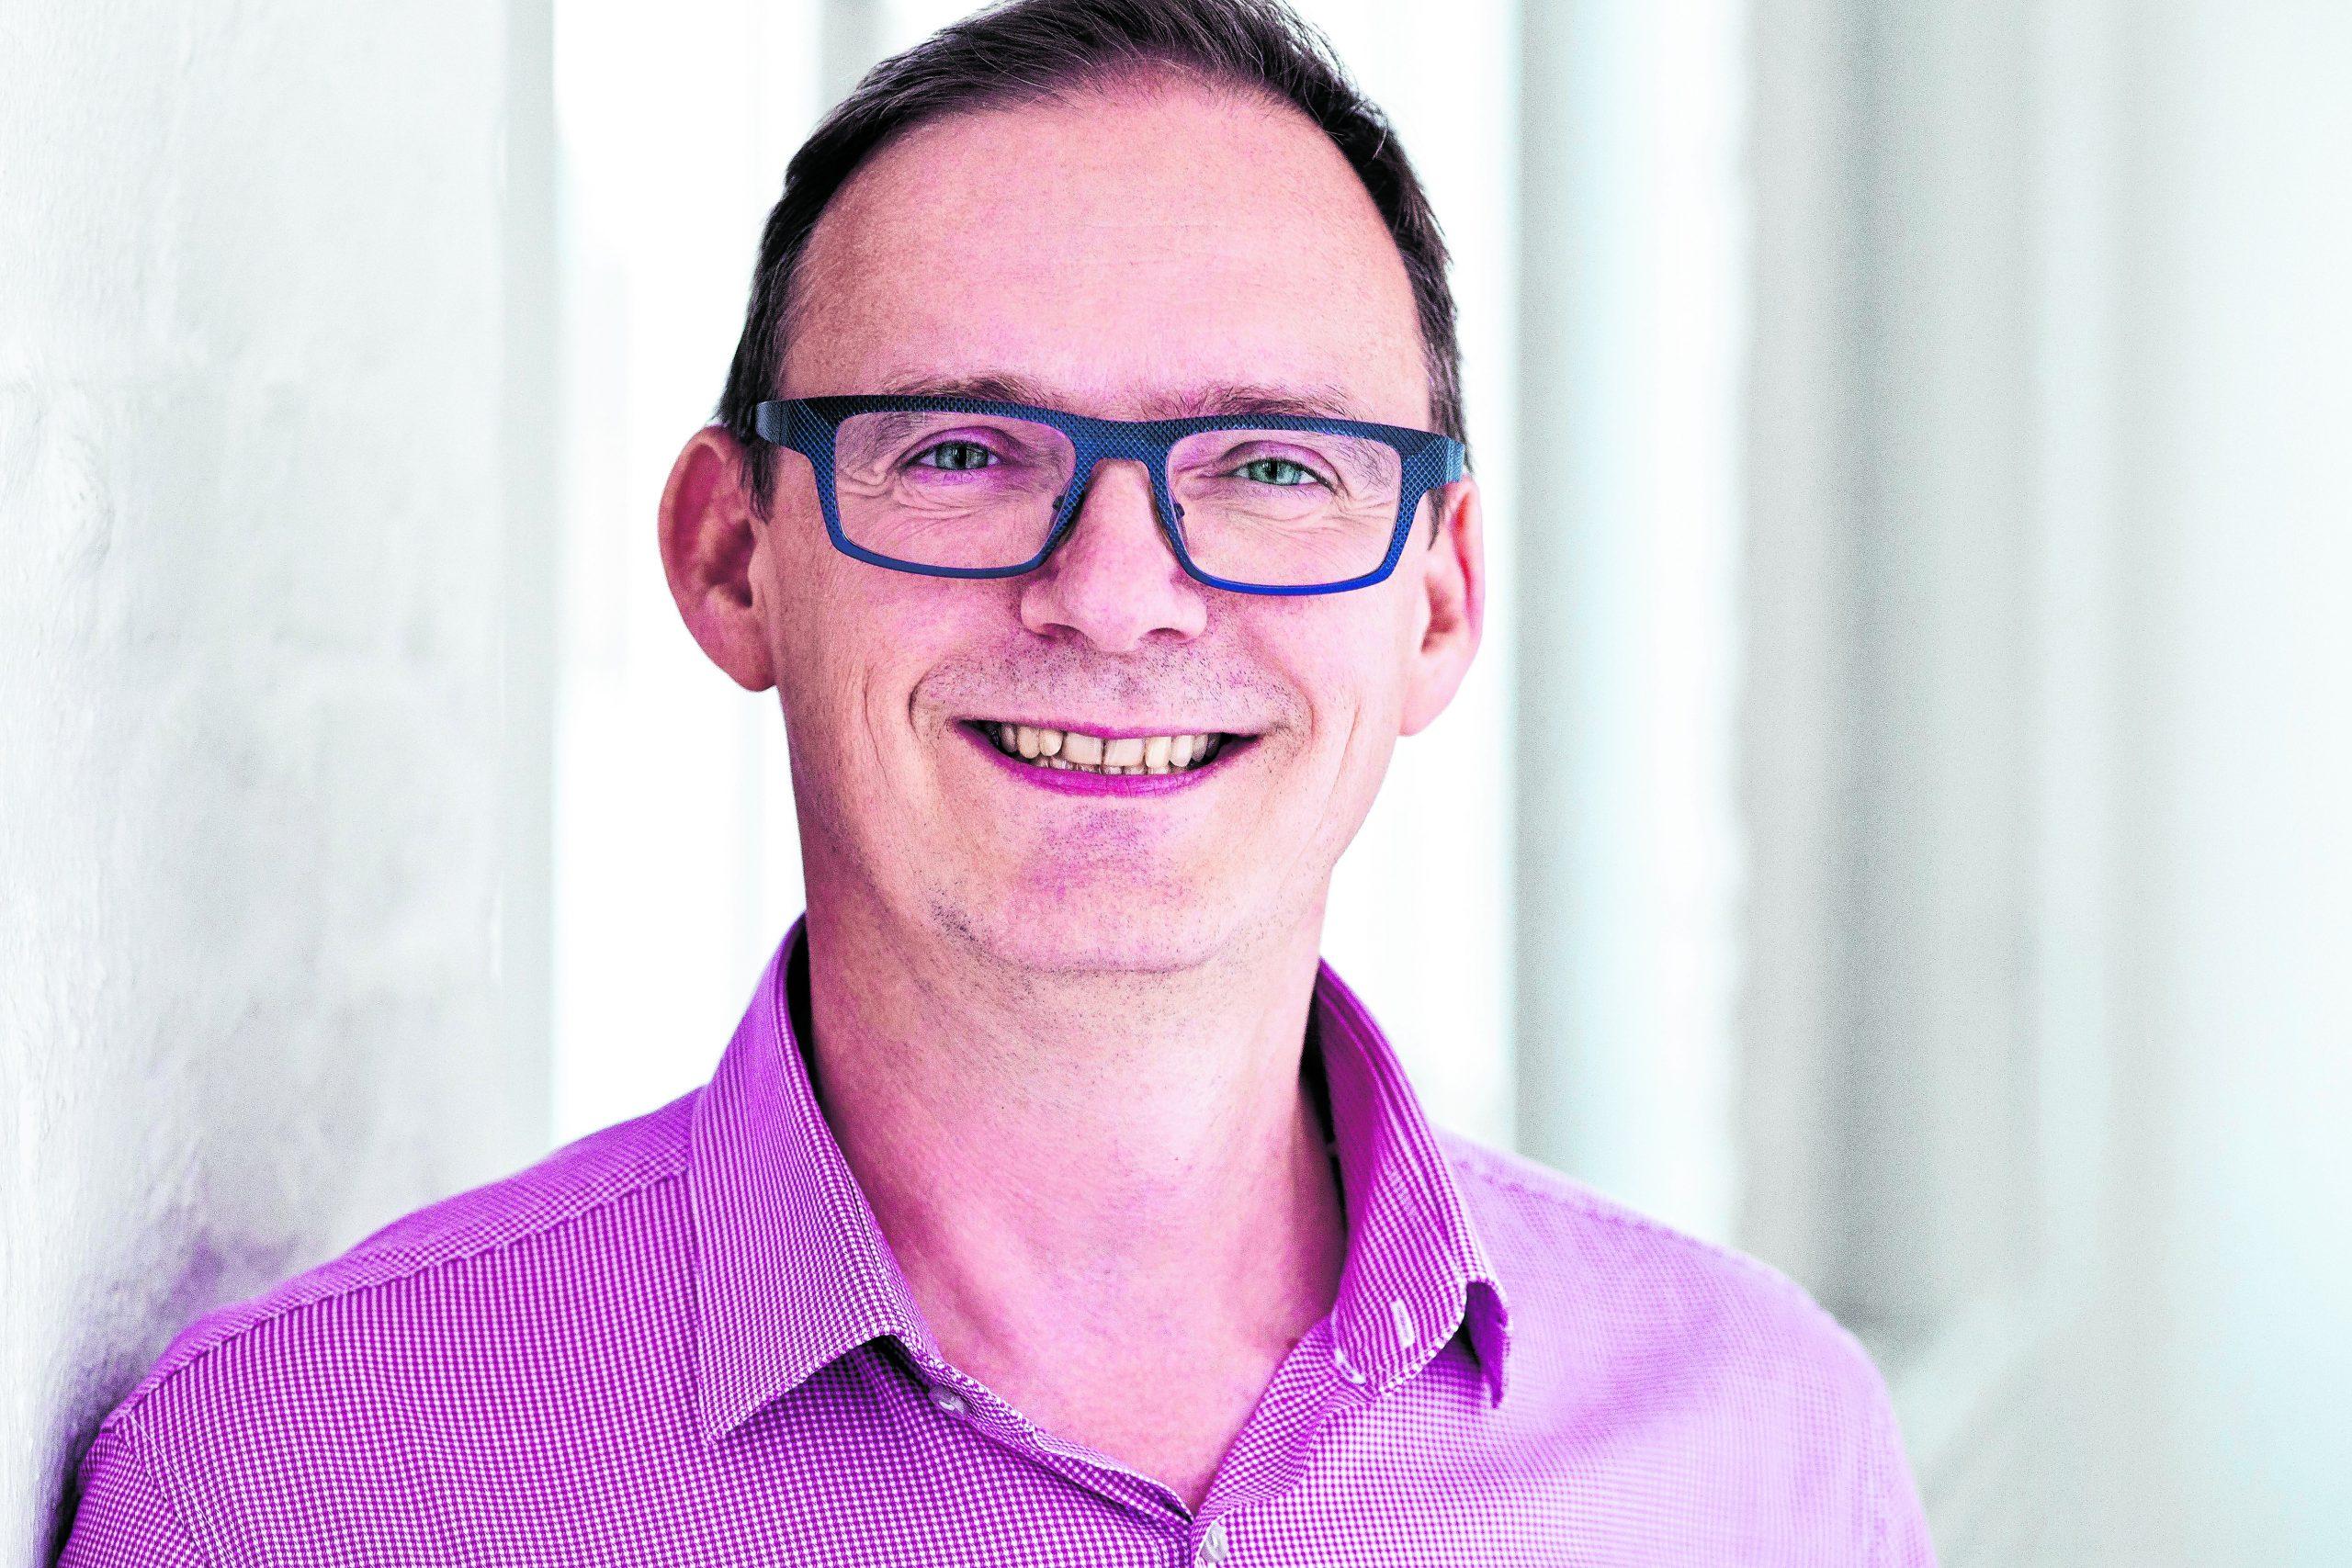 """Stefan Mielchen (55, """"Hamburg Pride""""): Ich wähle mit Erst- und Zweitstimme die Grünen. Sie stehen mir inhaltlich und lebensweltlich am nächsten. Aber Politik ist für mich auch eine Frage von Stil, Habitus und Haltung. Hier traue ich den Grünen den notwendigen Wandel am ehesten zu."""